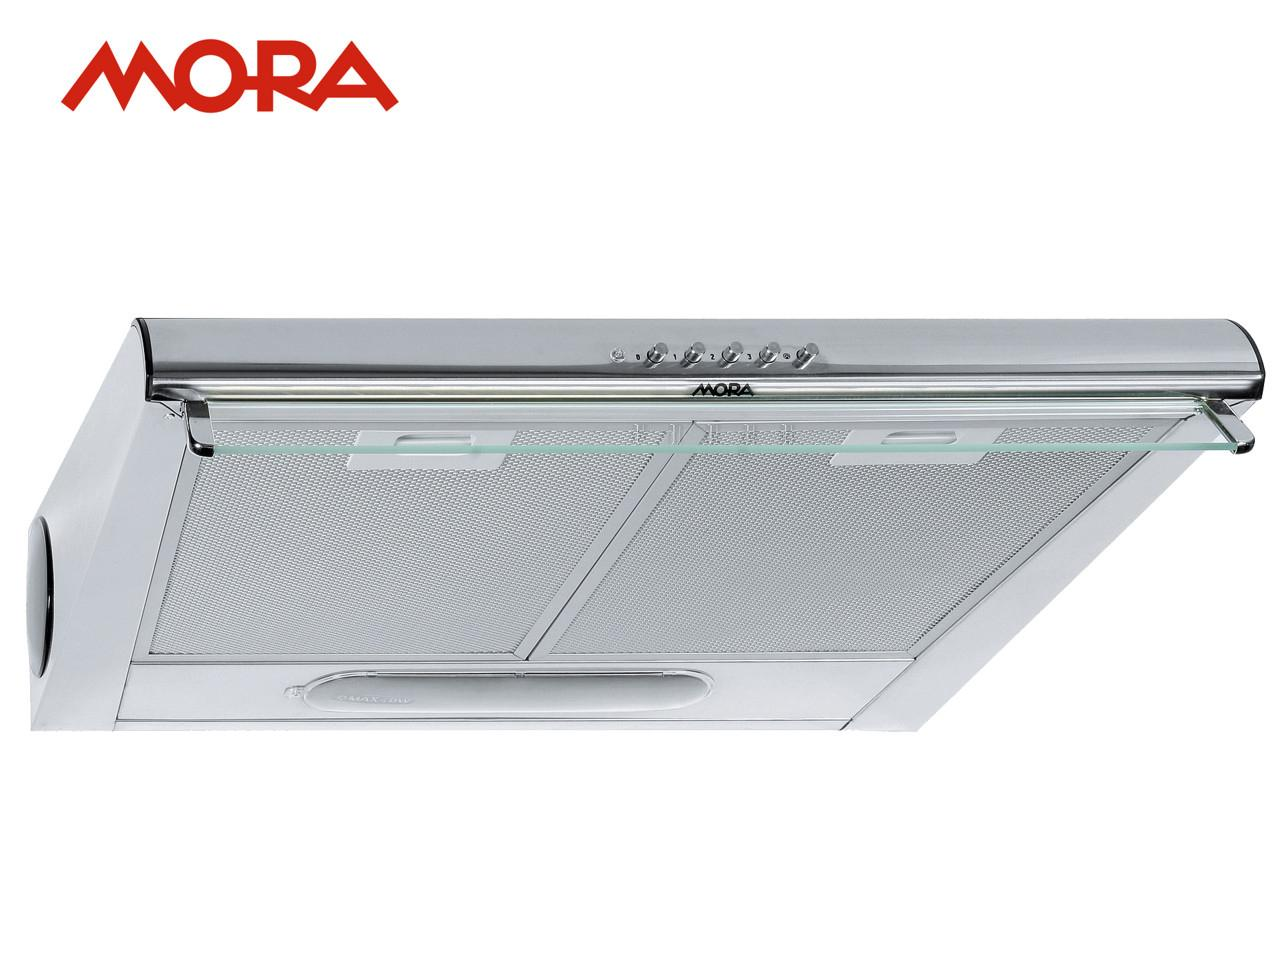 MORA OP 620 X